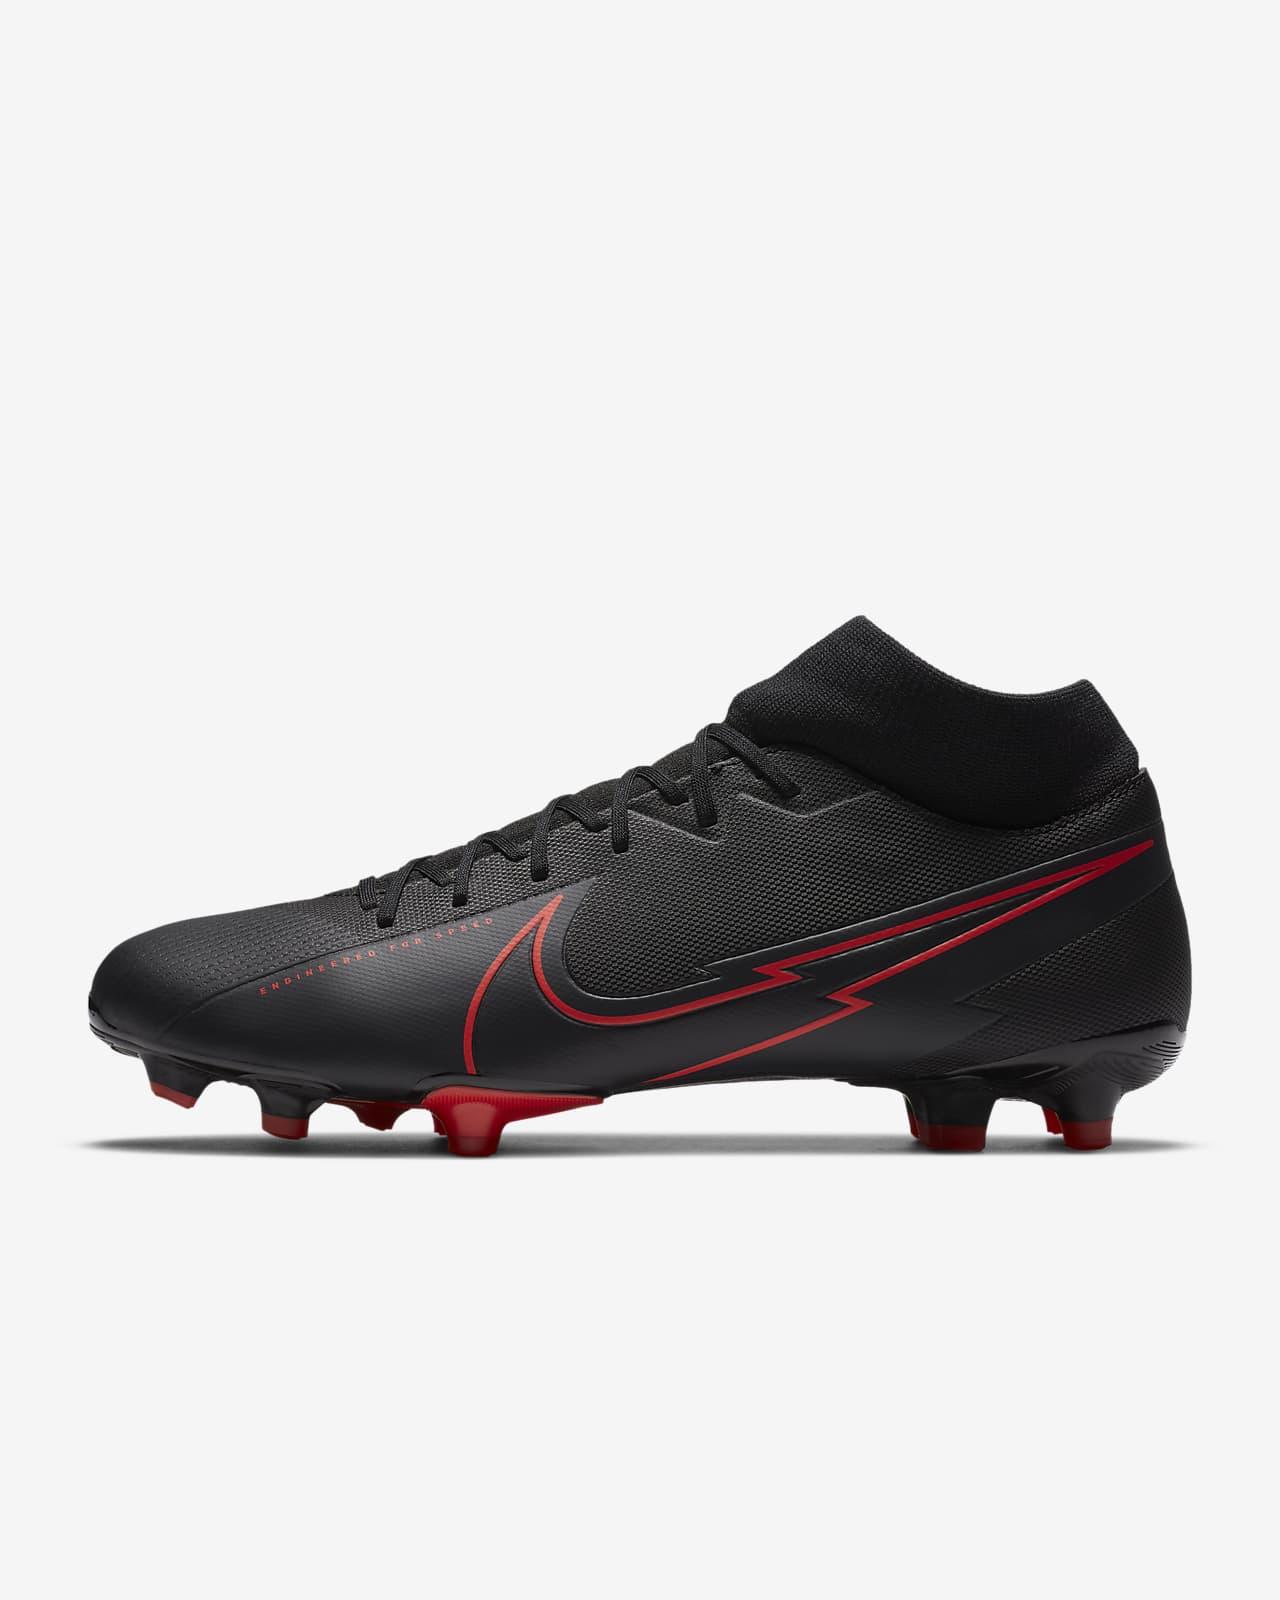 Fotbollssko för varierat underlag Nike Mercurial Superfly 7 Academy MG för män